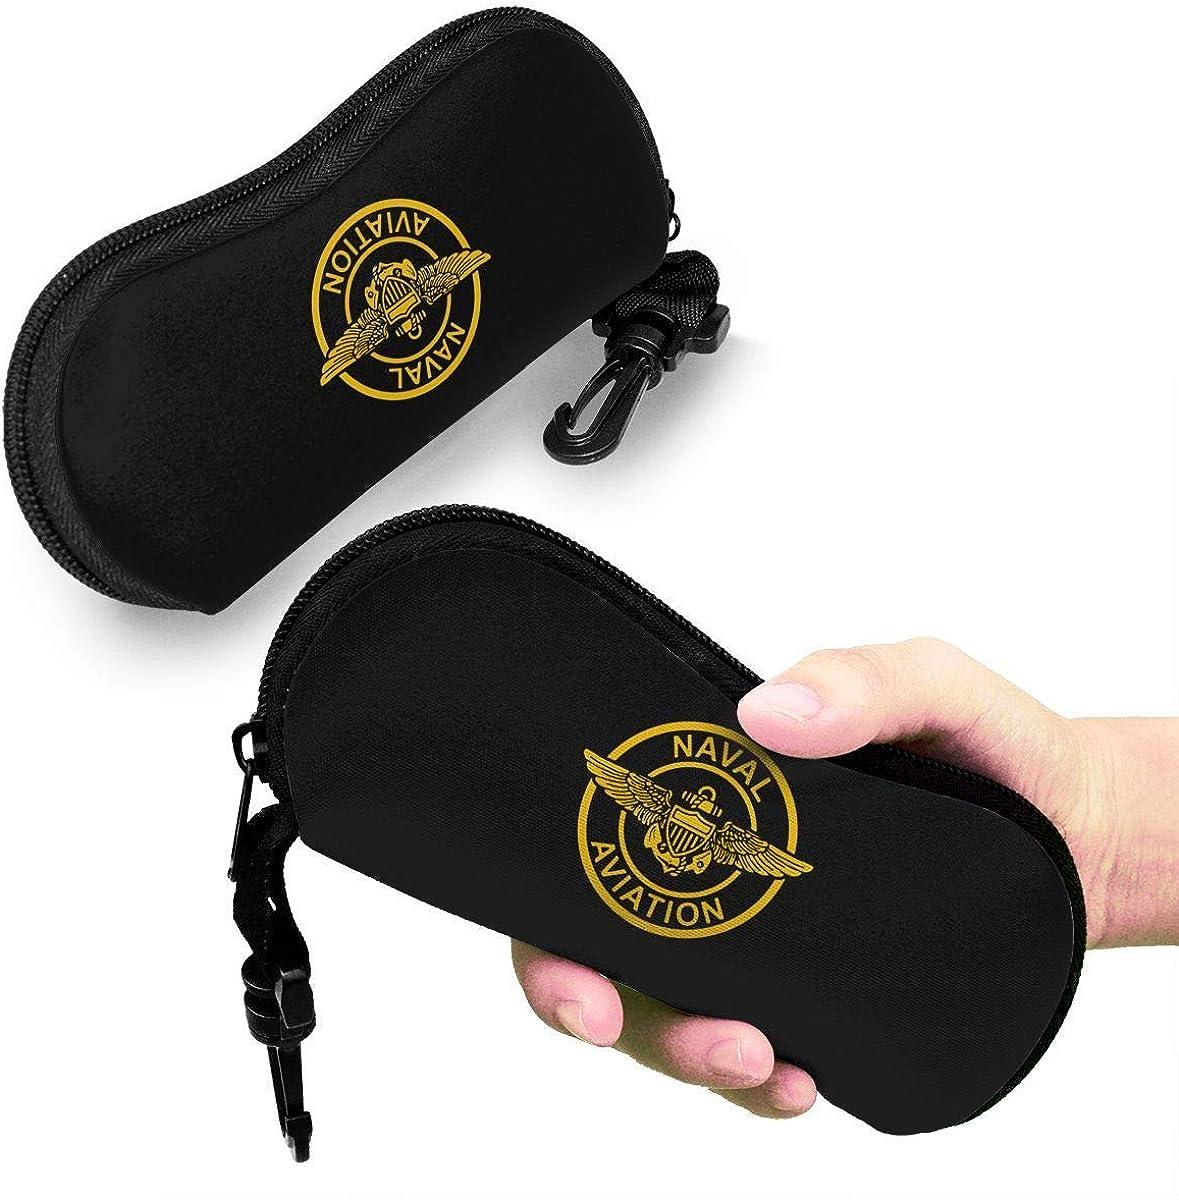 Hdadwy Estuches para anteojos con alas de piloto de aviaci/ón naval con mosquet/ón estuche blando para gafas de sol